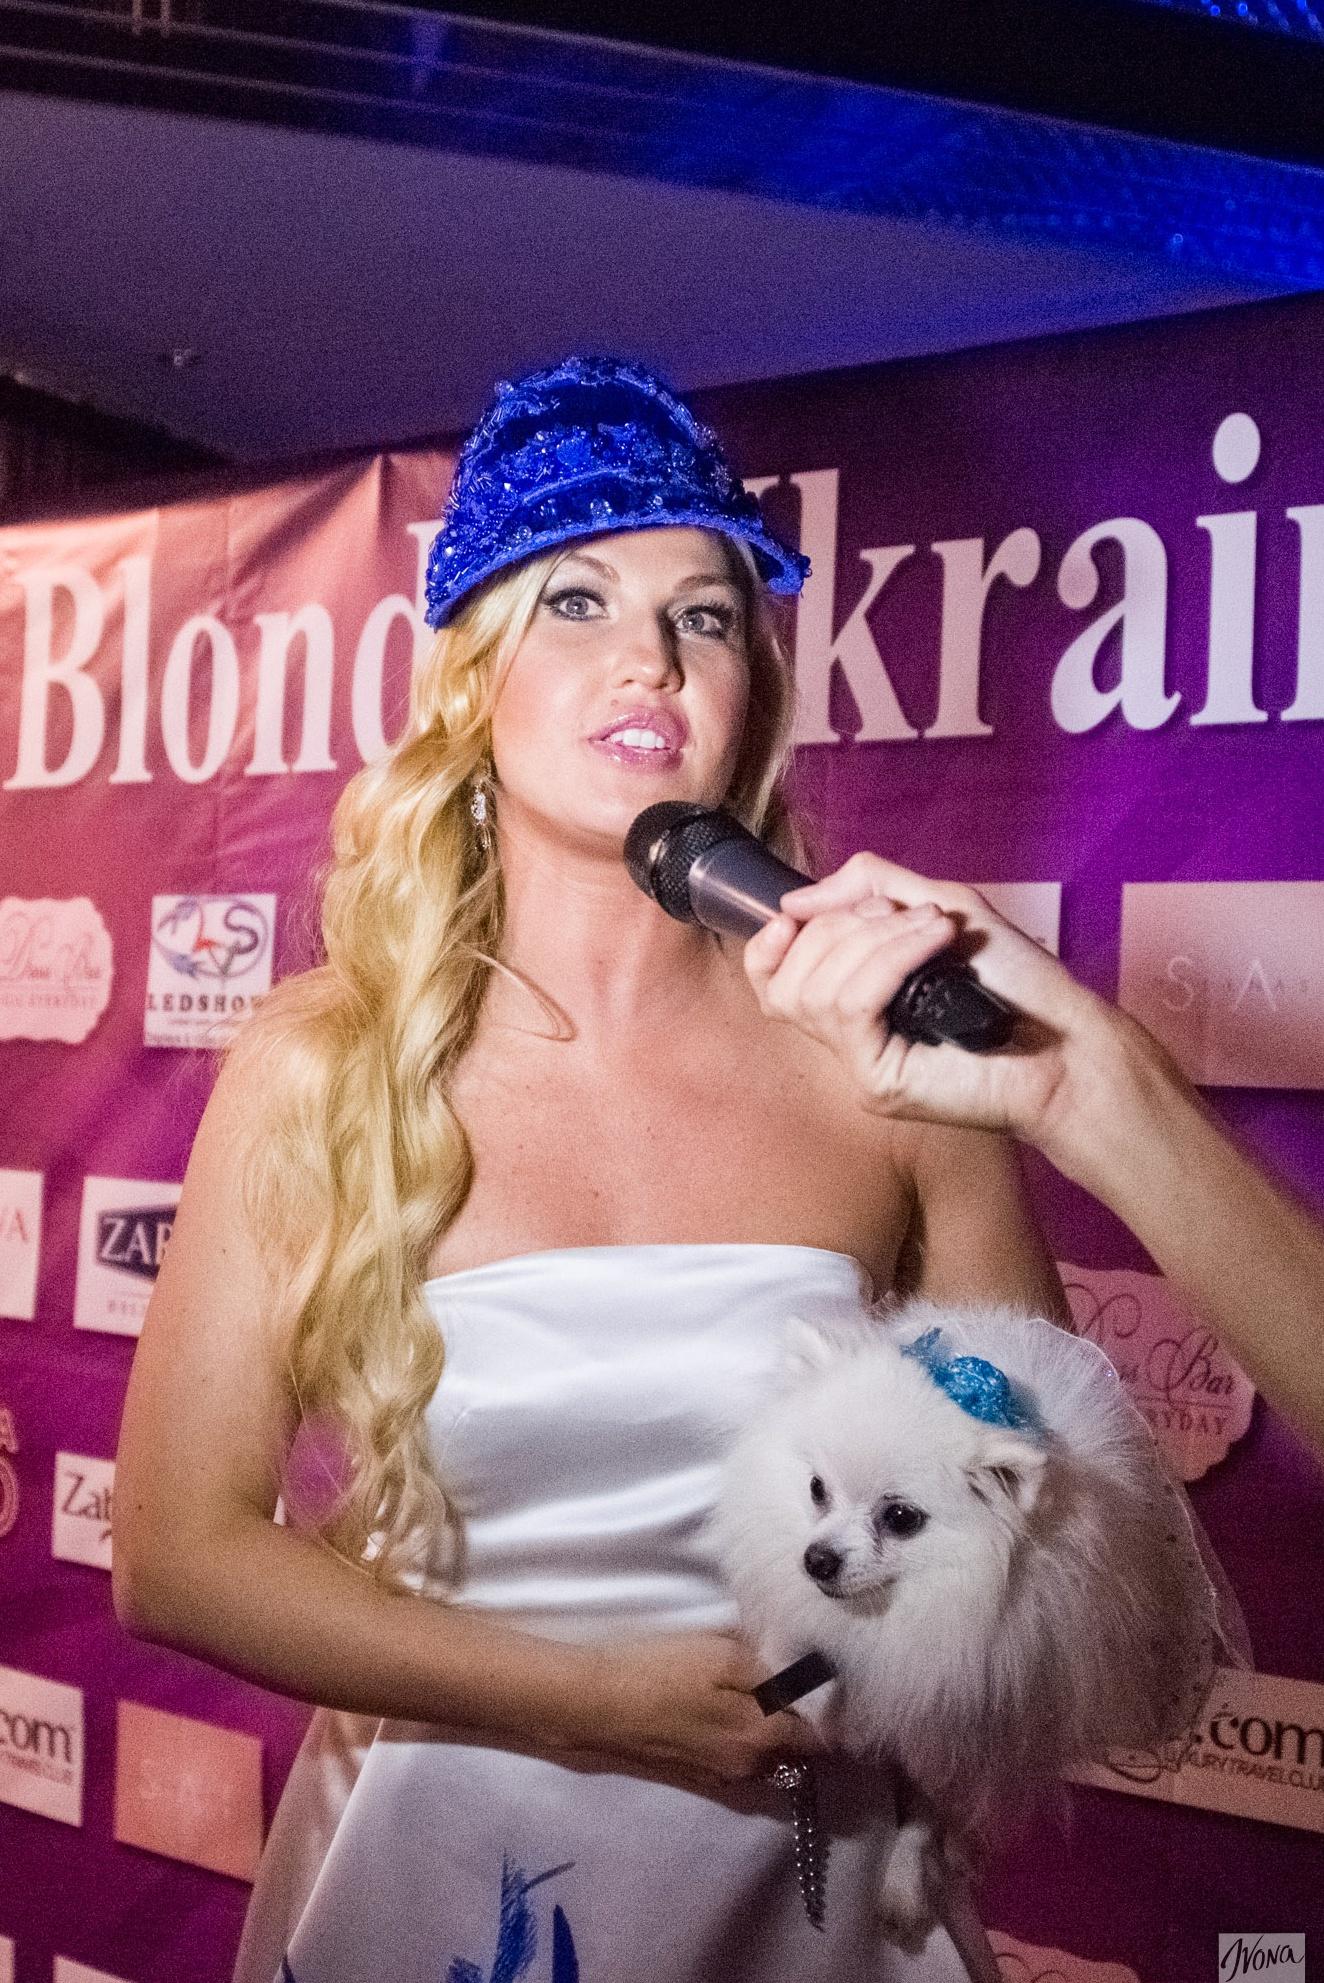 Певица Камалия явилась на конкурс красоты в экстравагантном образе